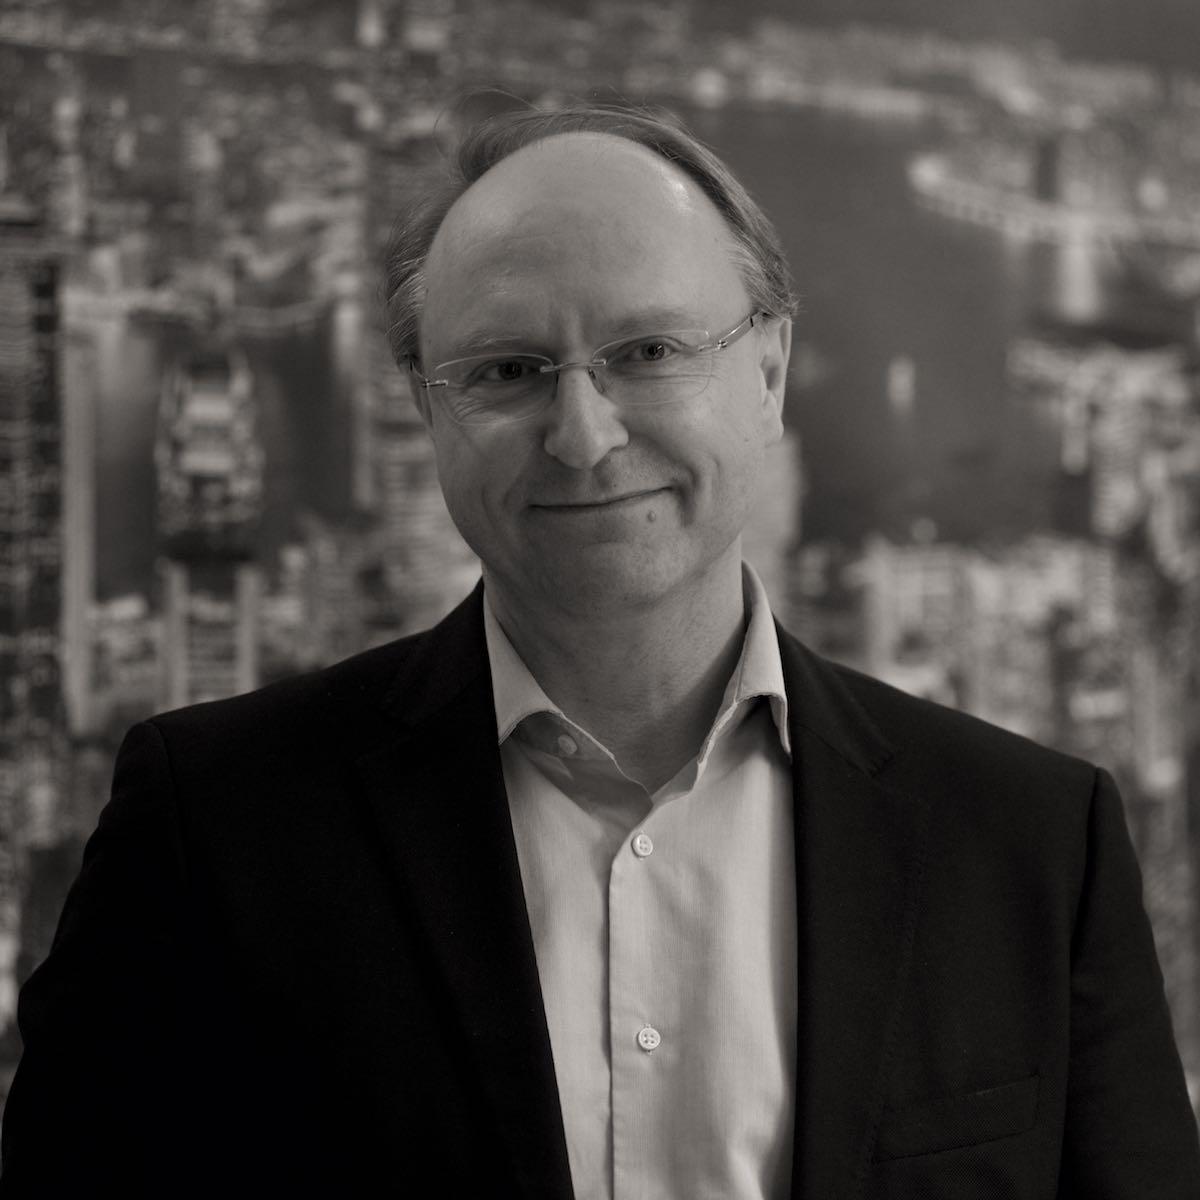 Andreas Rülke